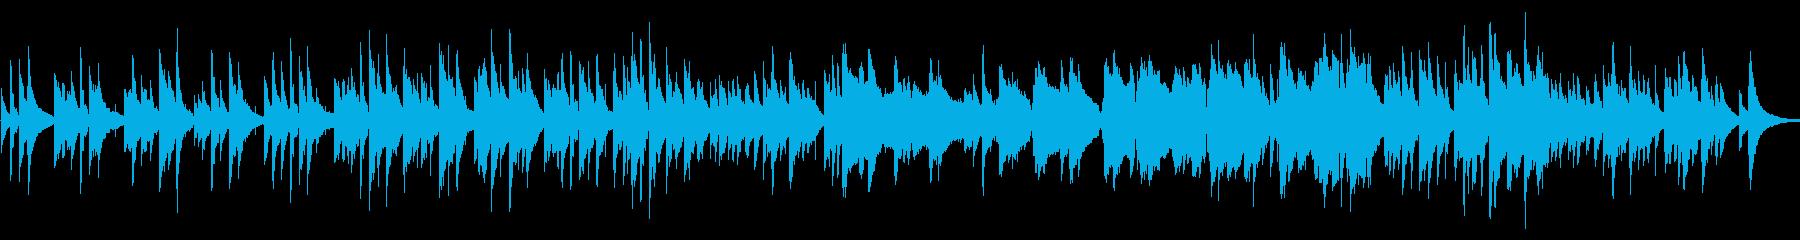 ハーモニカとアコギが温もりあるバラードの再生済みの波形